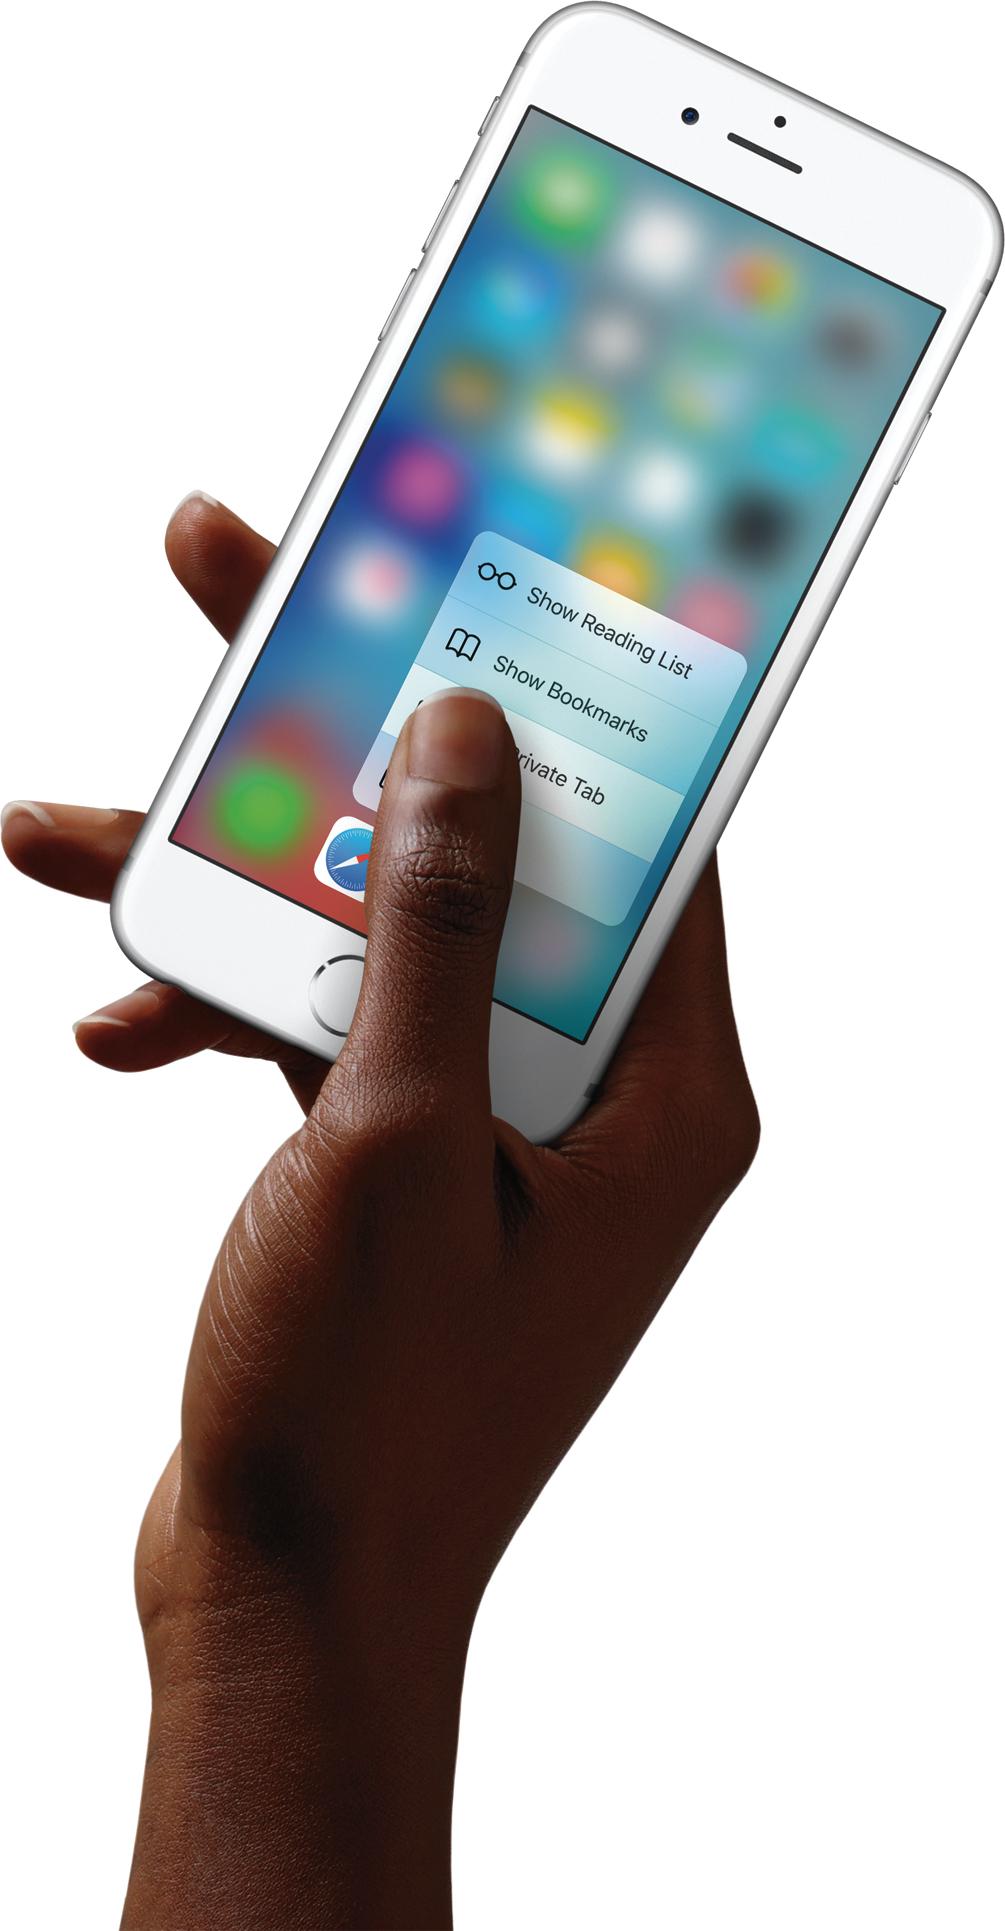 iPhone 6s prateado com 3D Touch sendo usado com uma mão